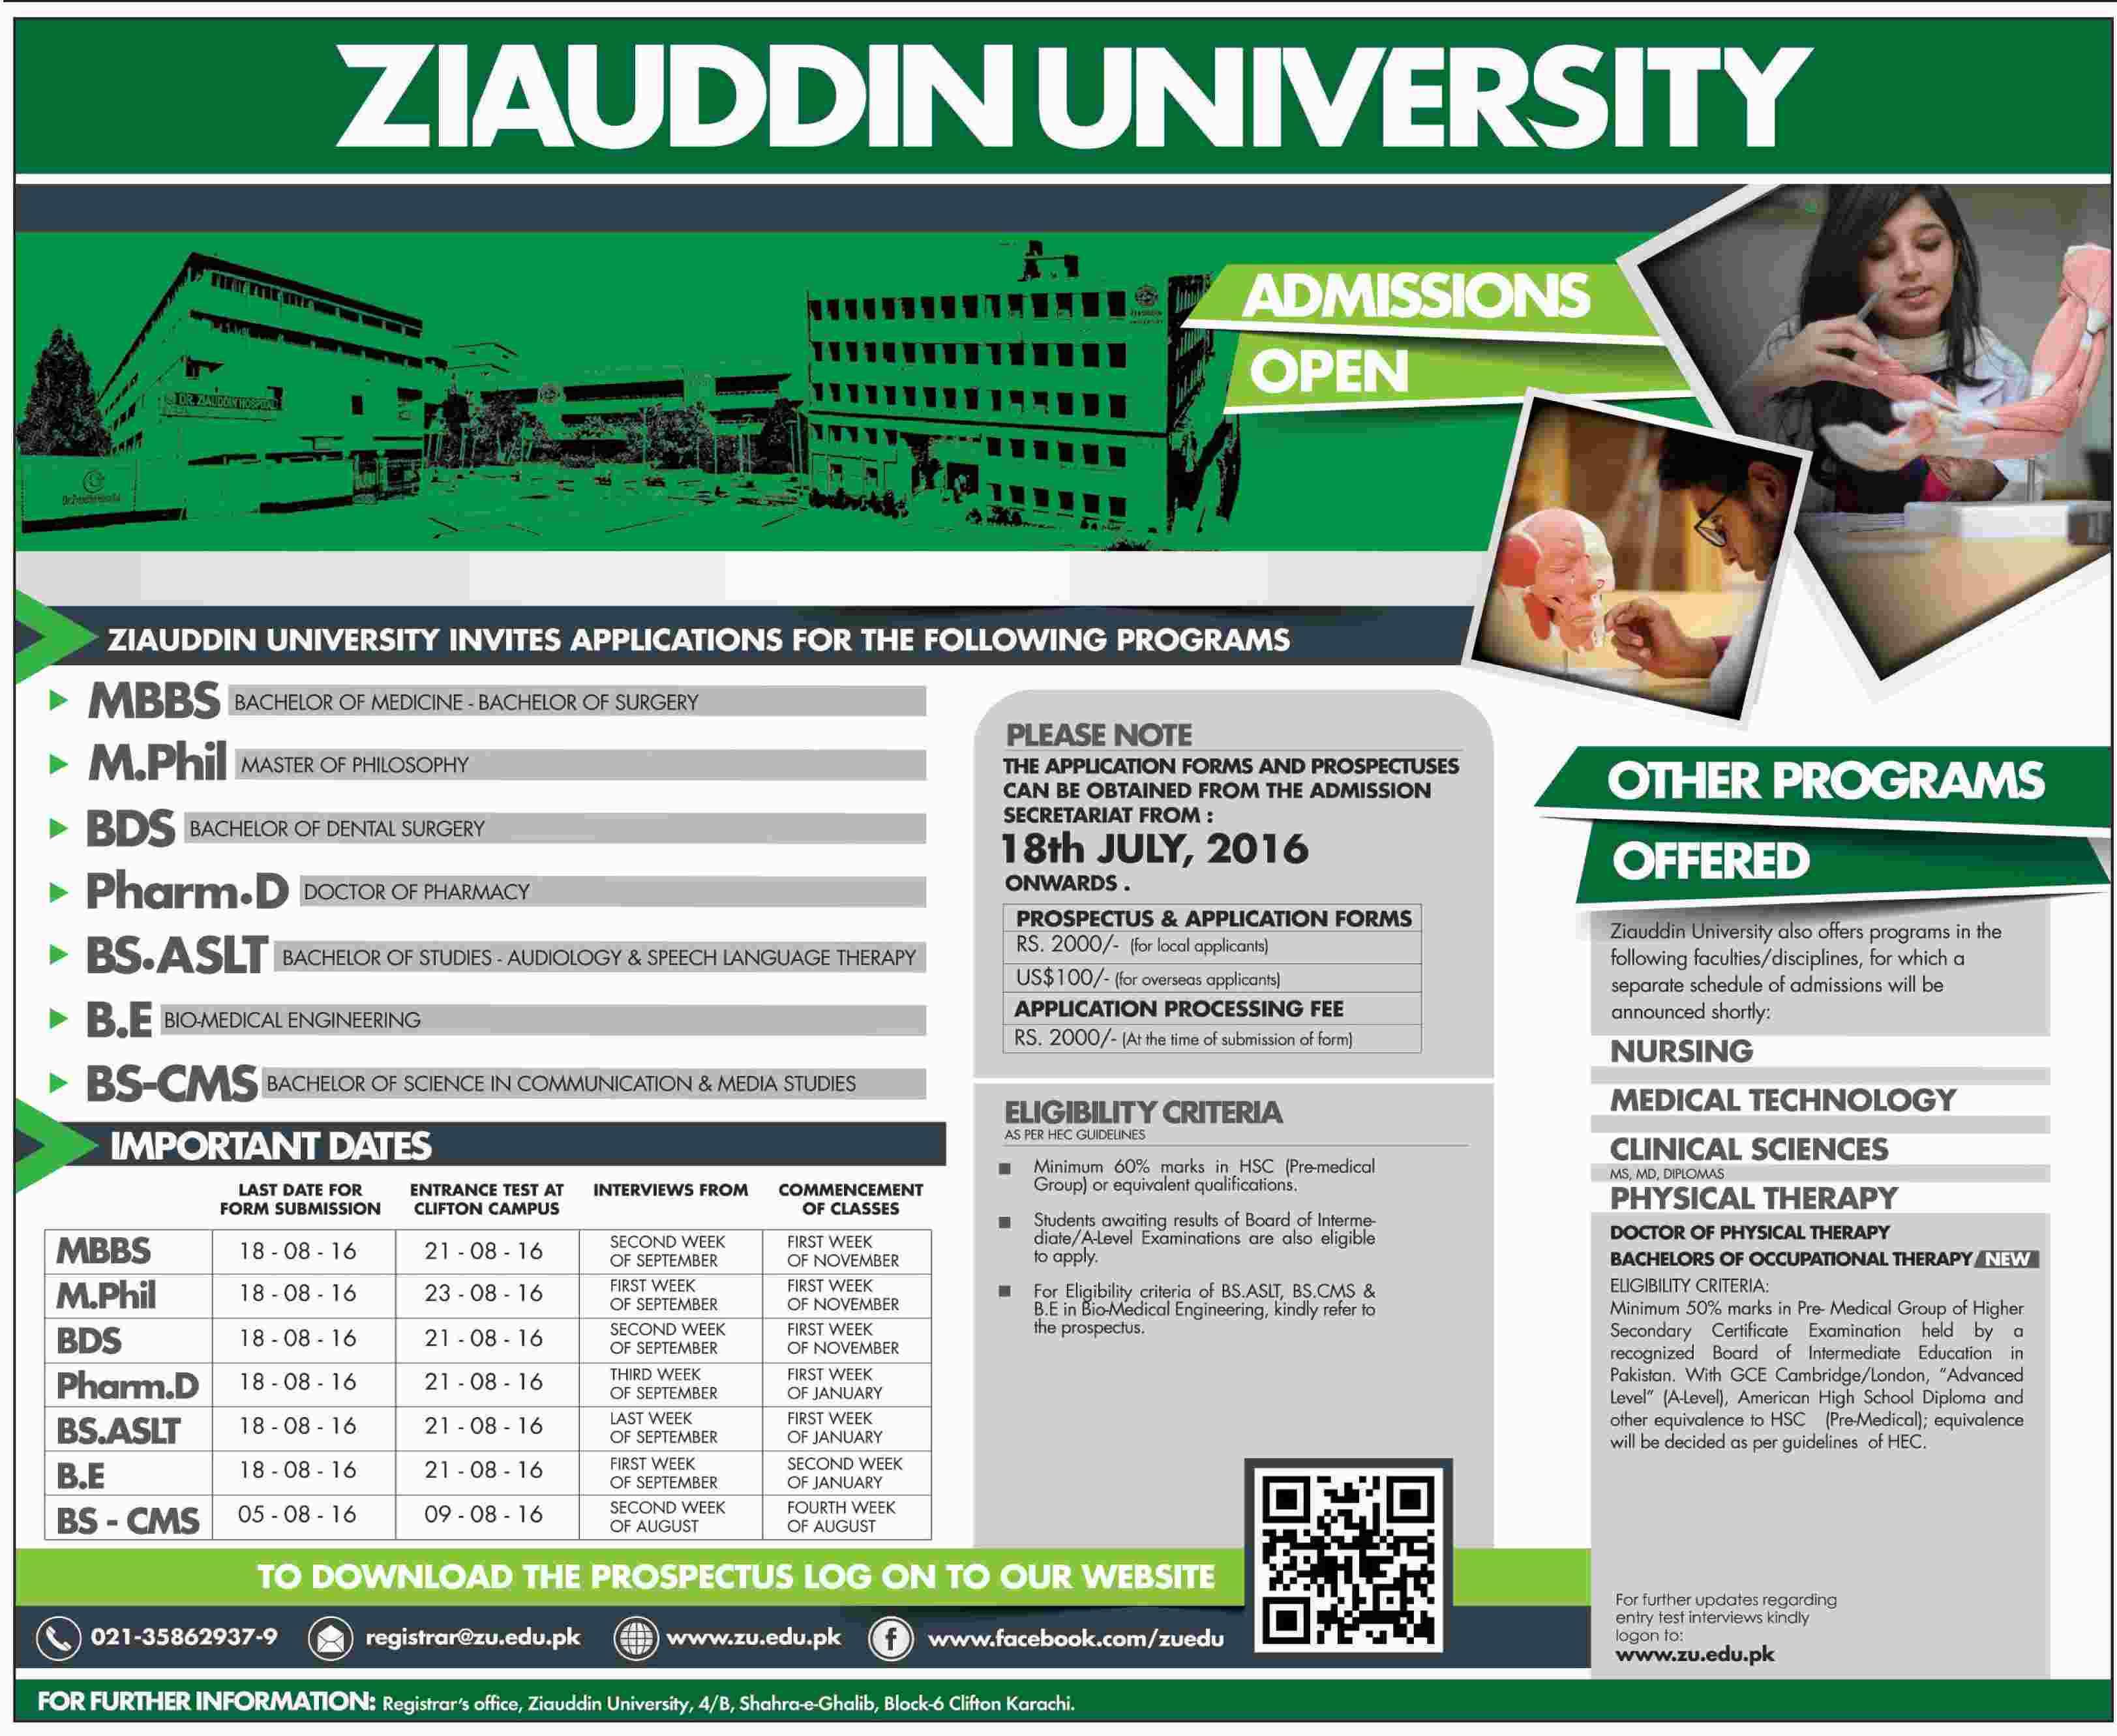 Ziauddin University Admission Open